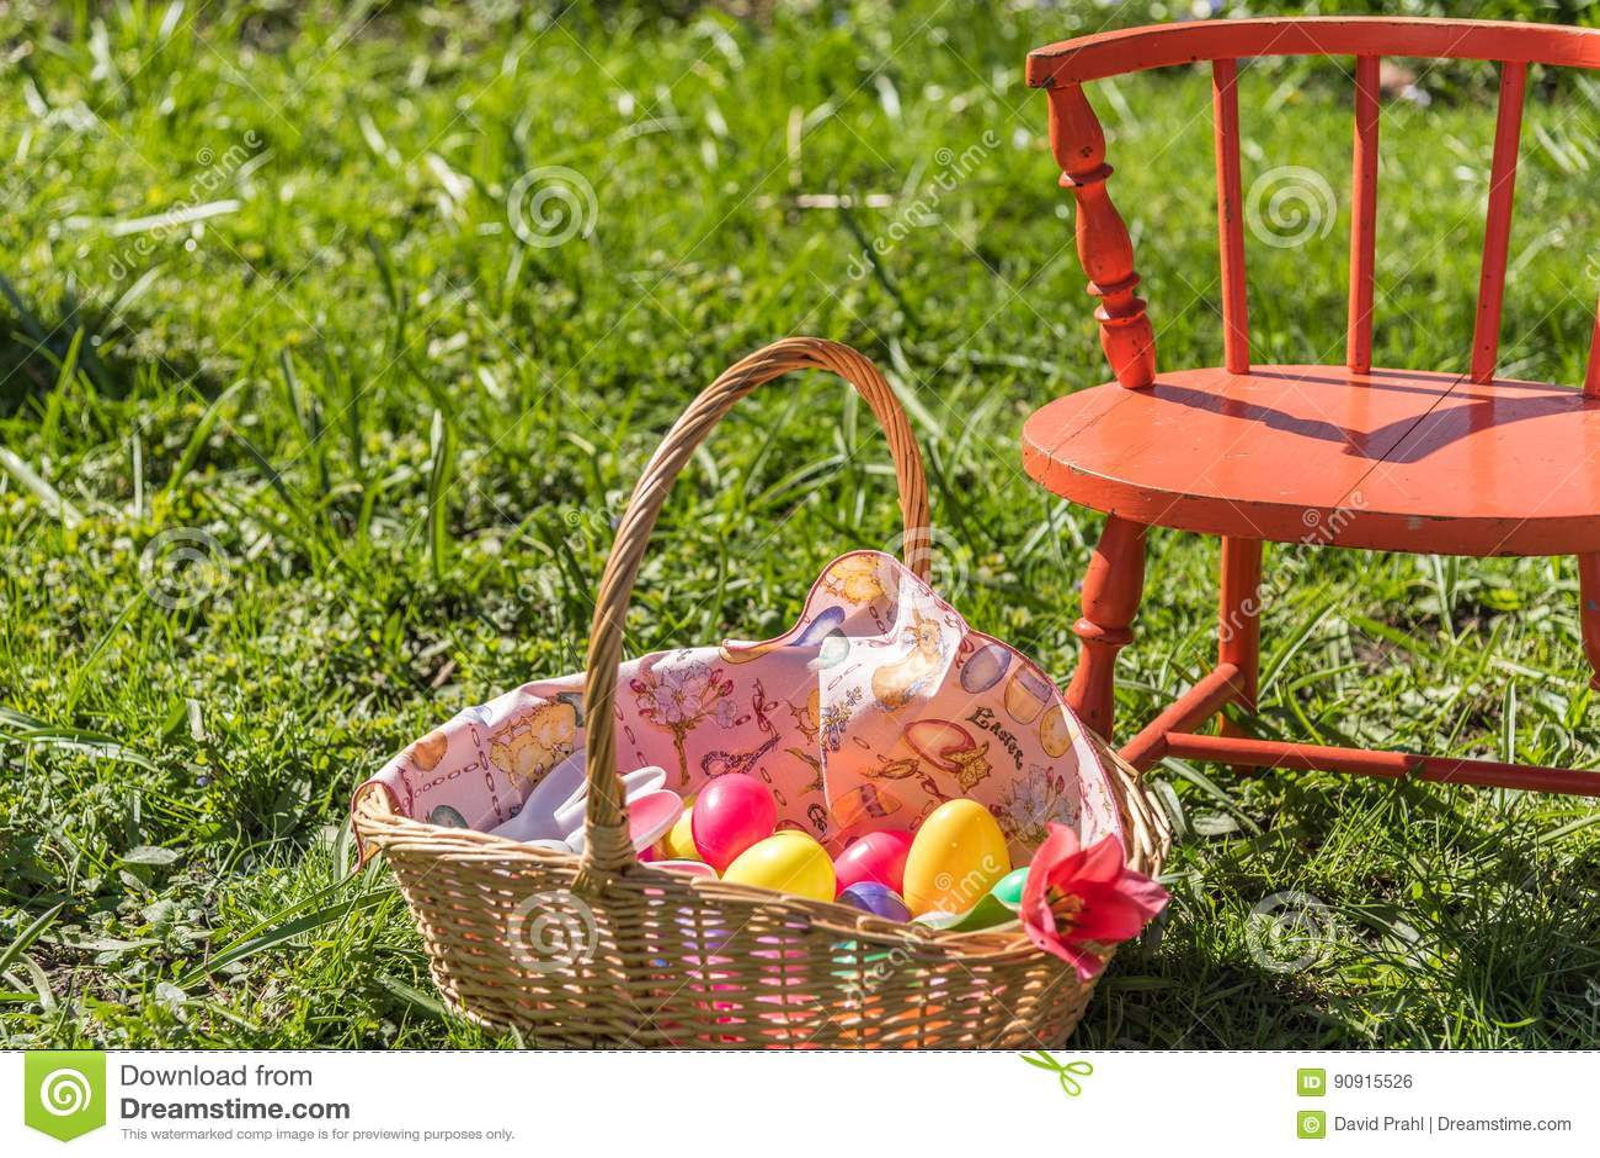 Oeufs en plastique dans le panier de Pâques s étendant dans l herbe verte grande avec la chaise orange